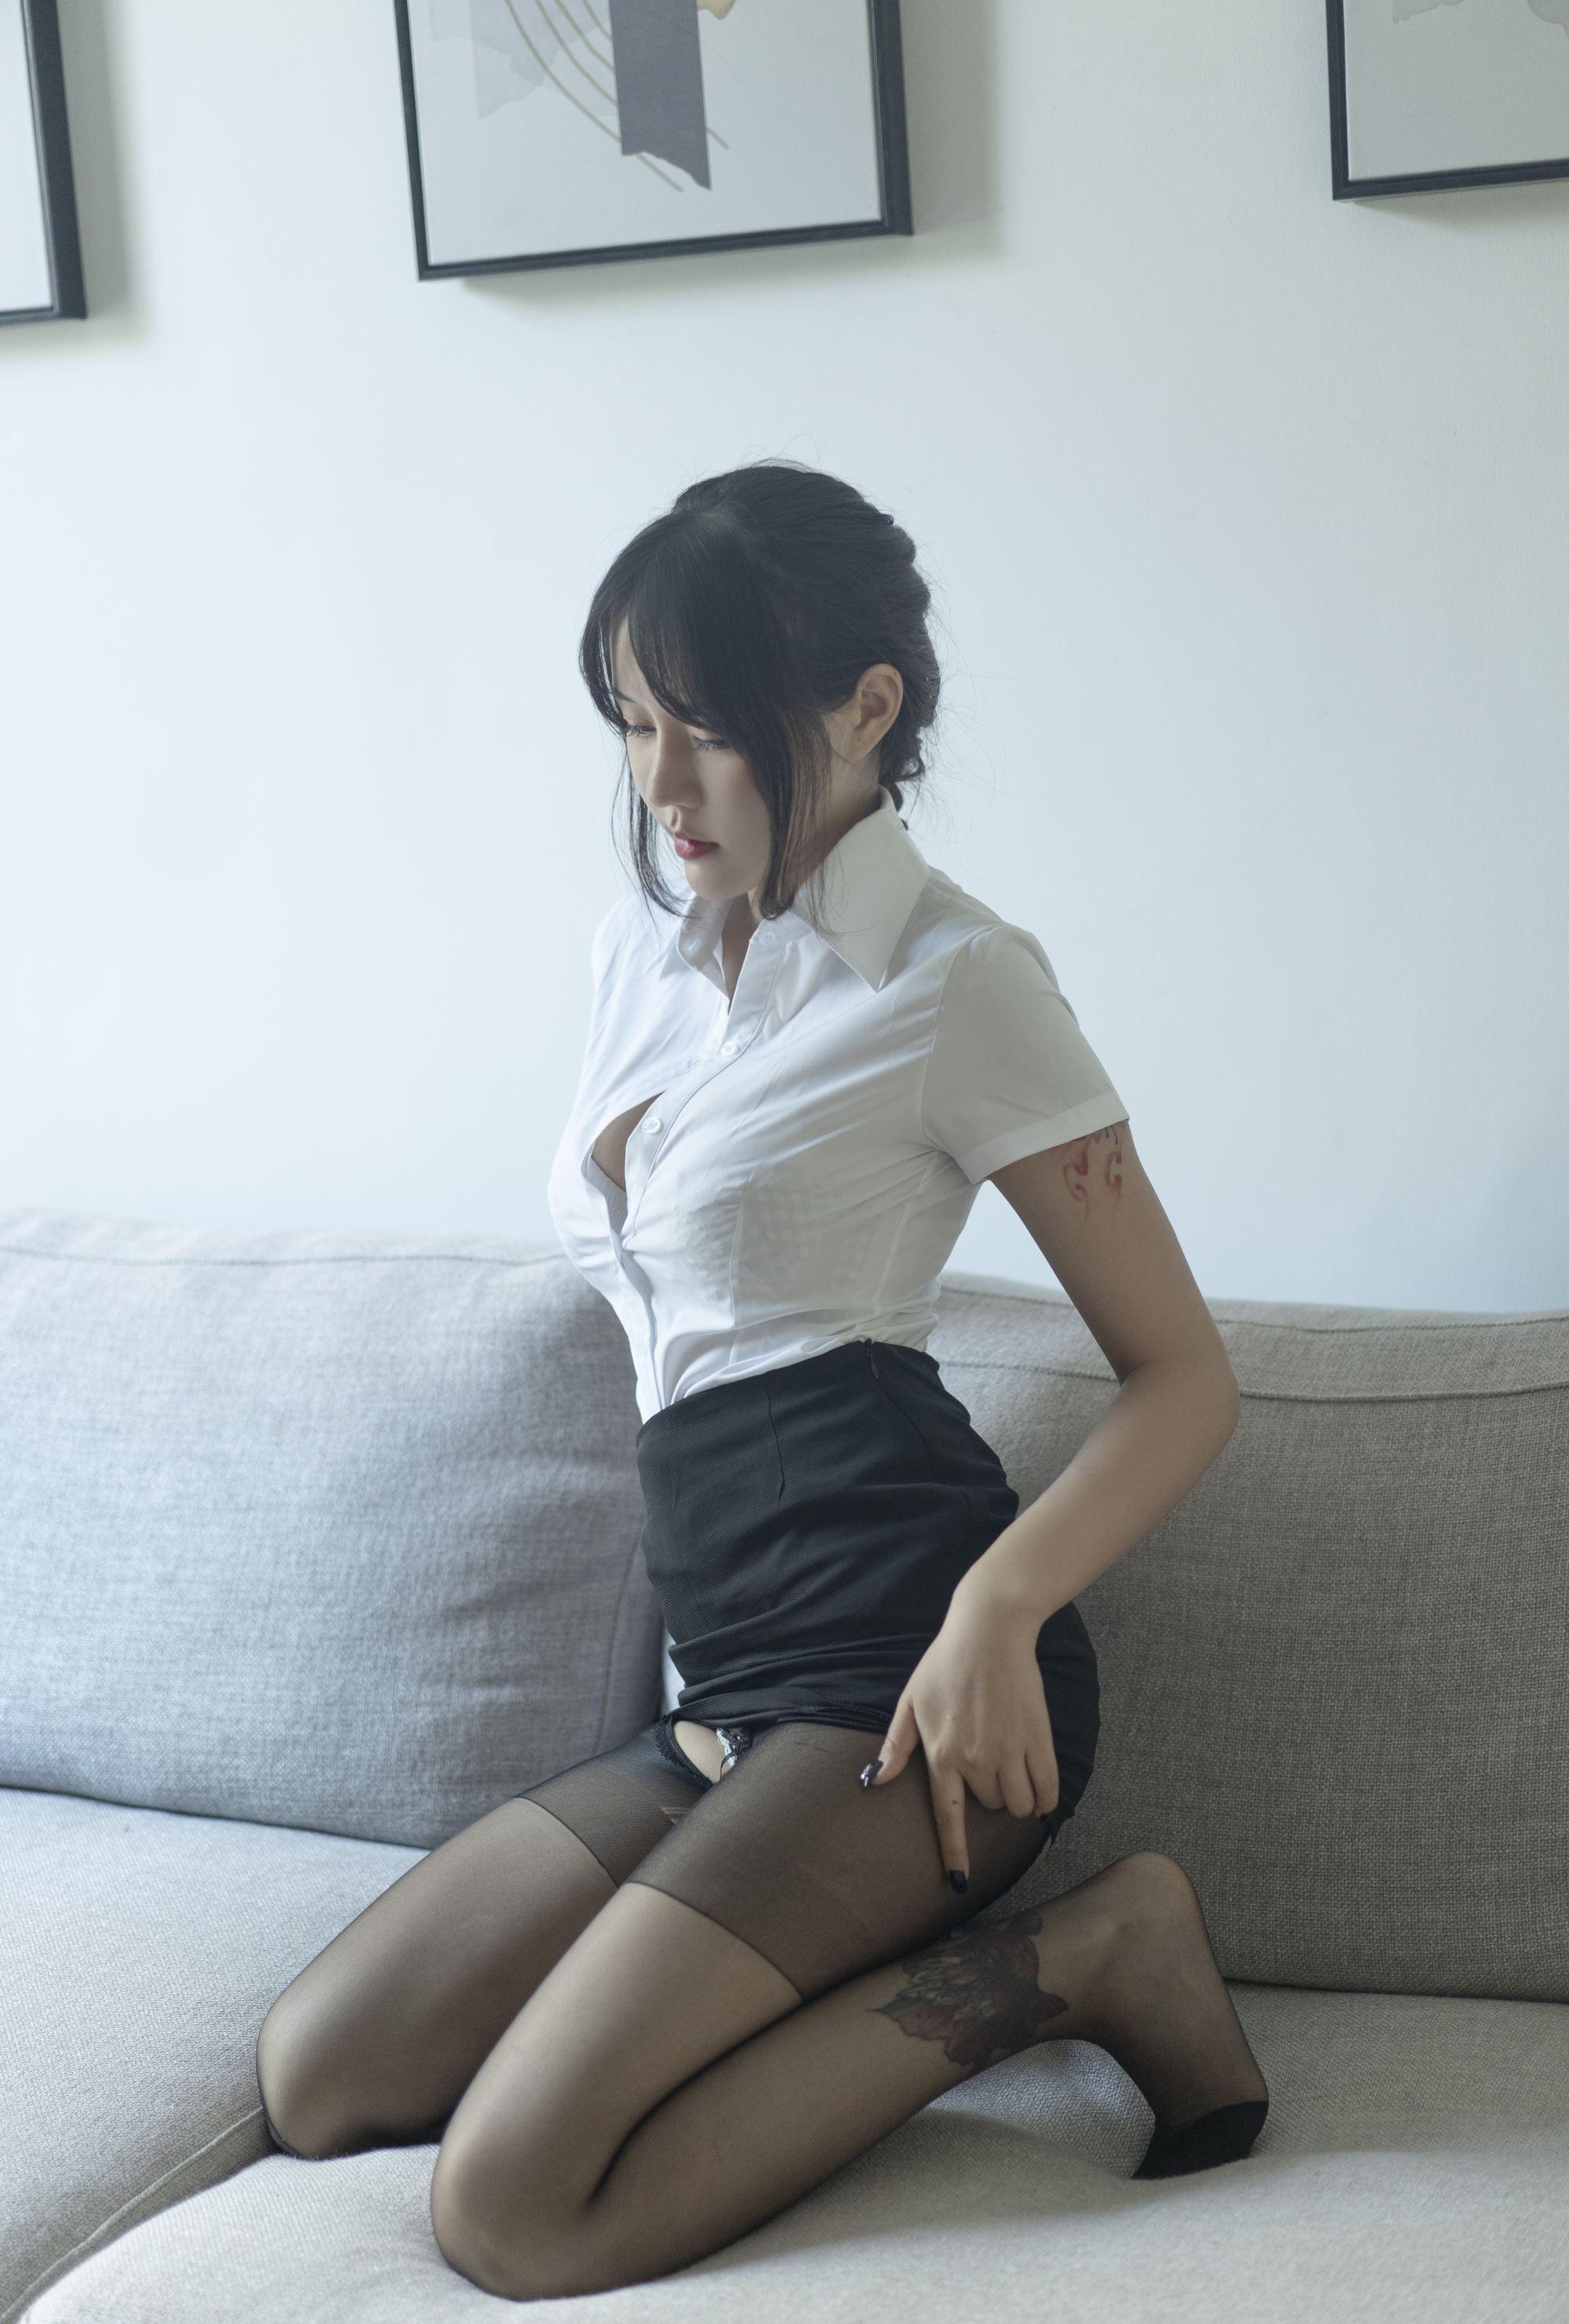 【写真】网红汐 – 妹子制服 【40P/71MB】插图